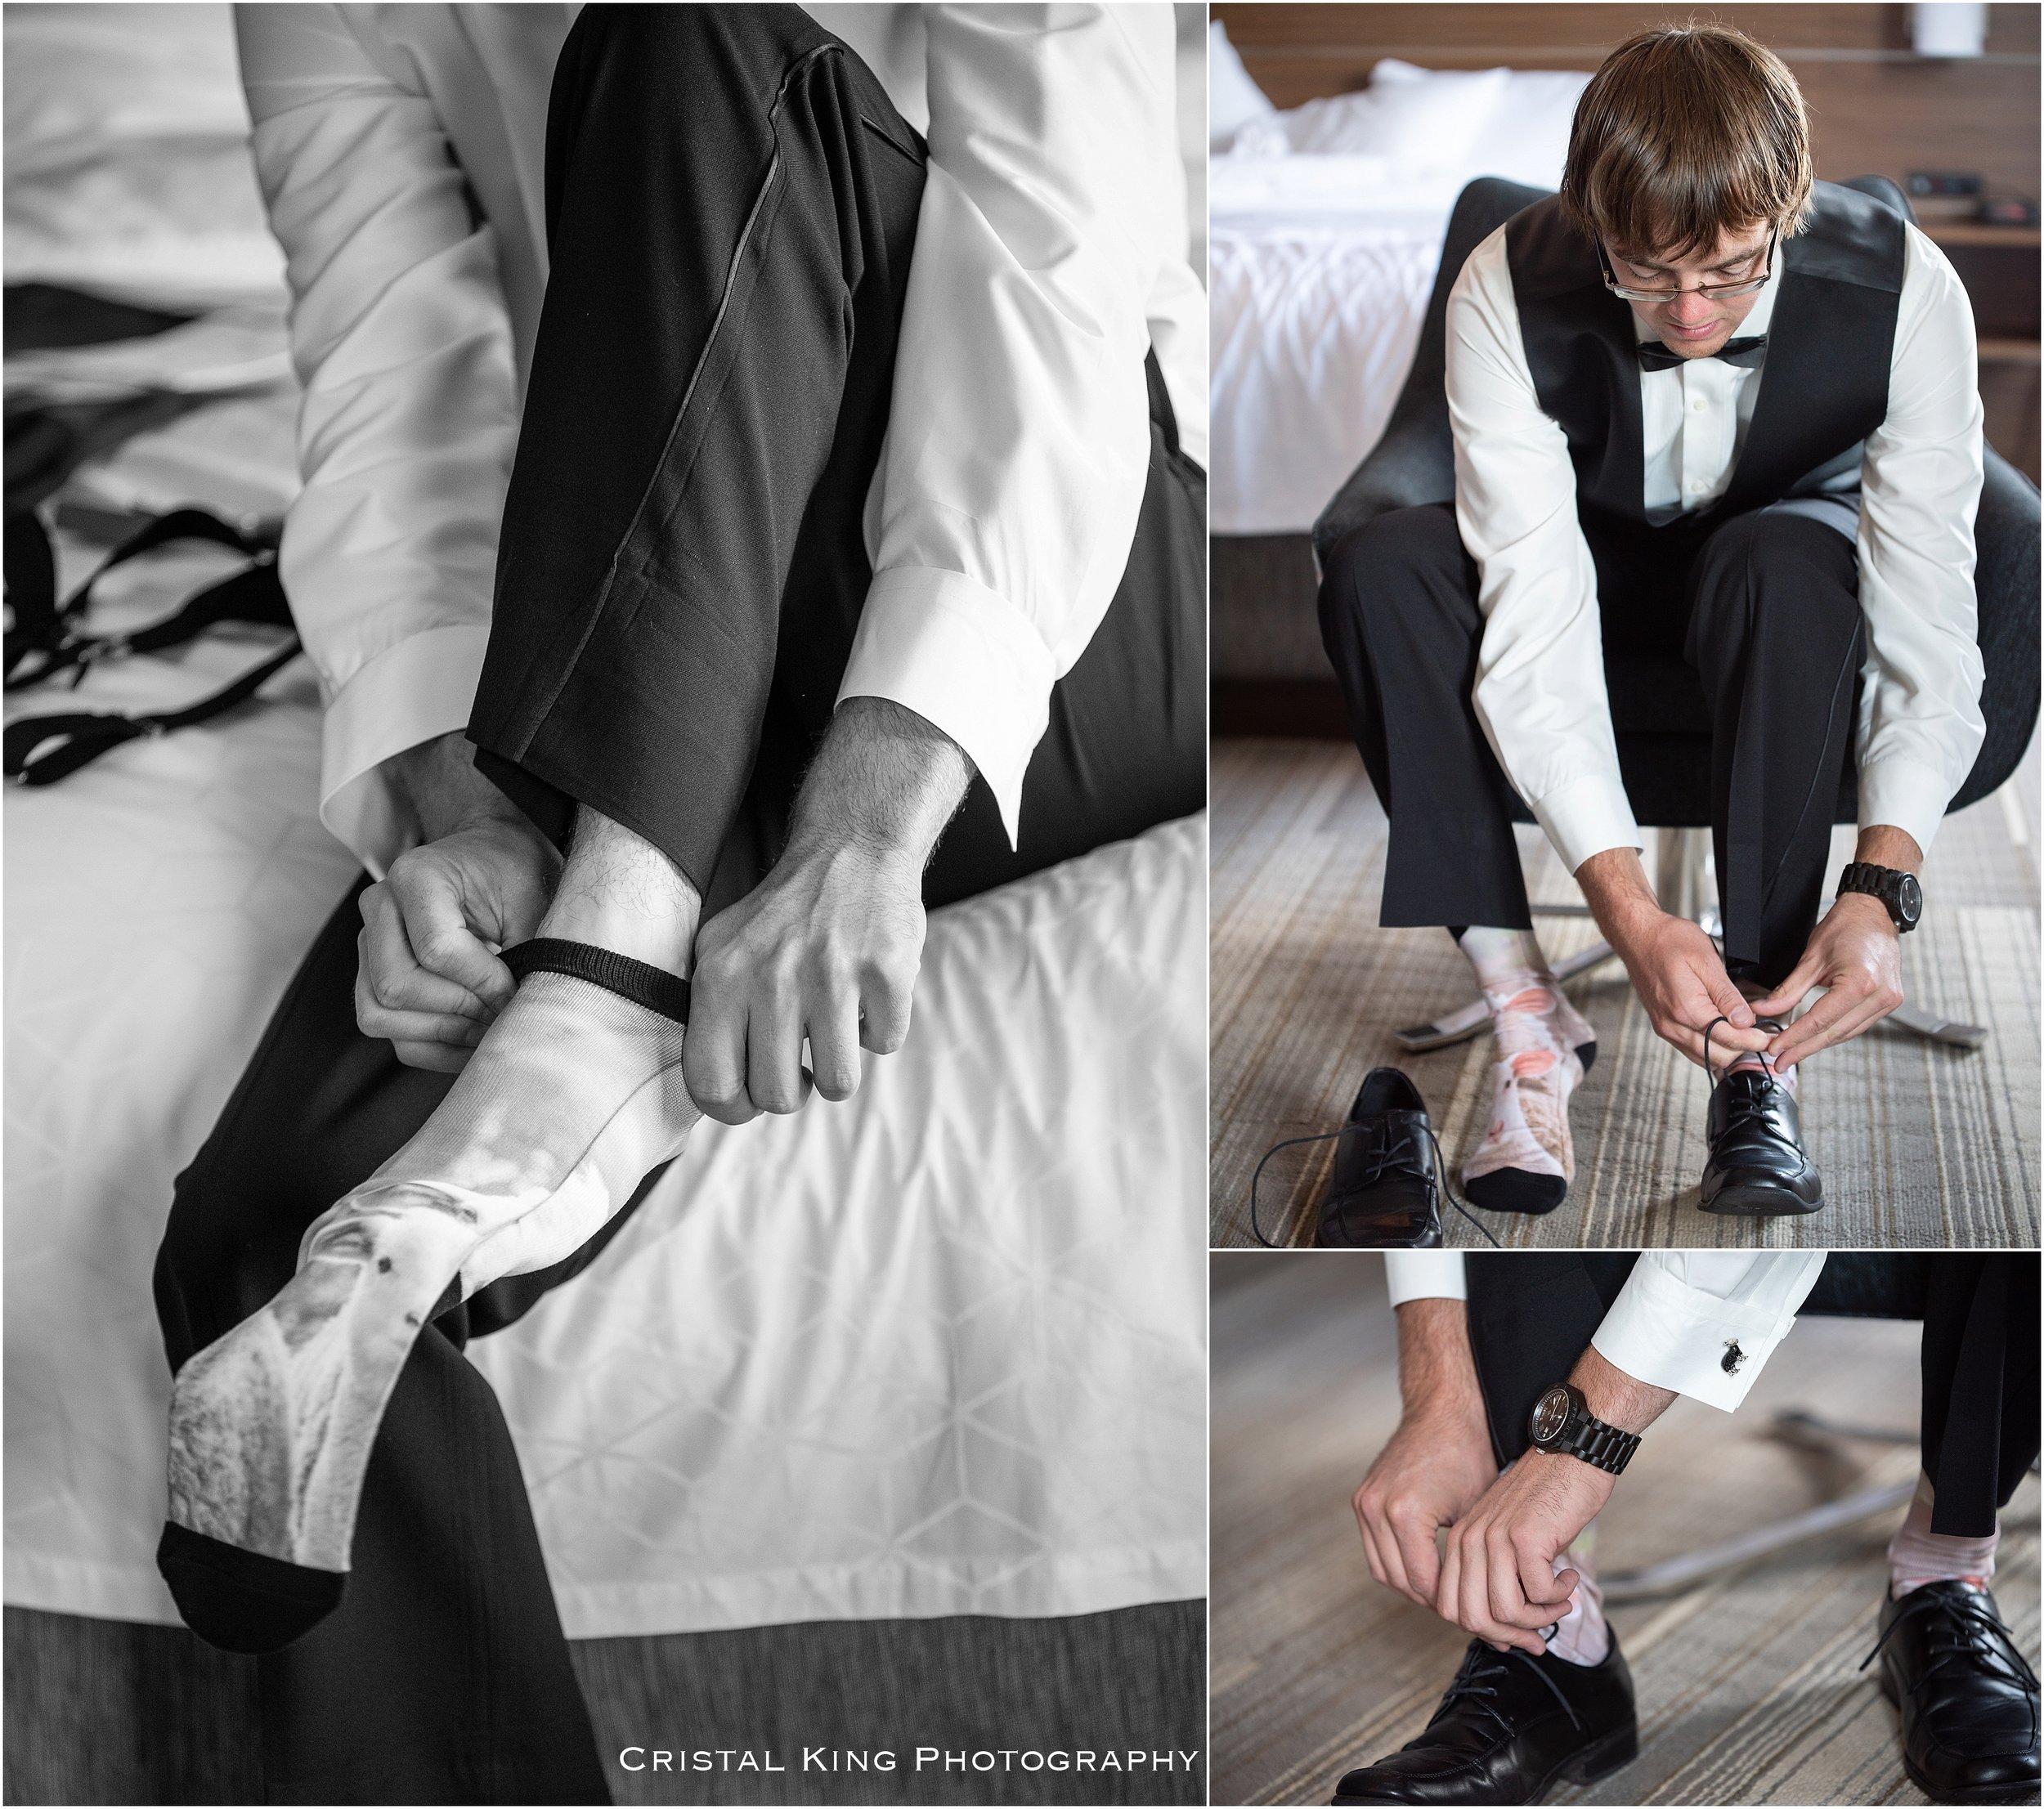 Kristin & Adam's wedding - boys getting ready-4.jpg